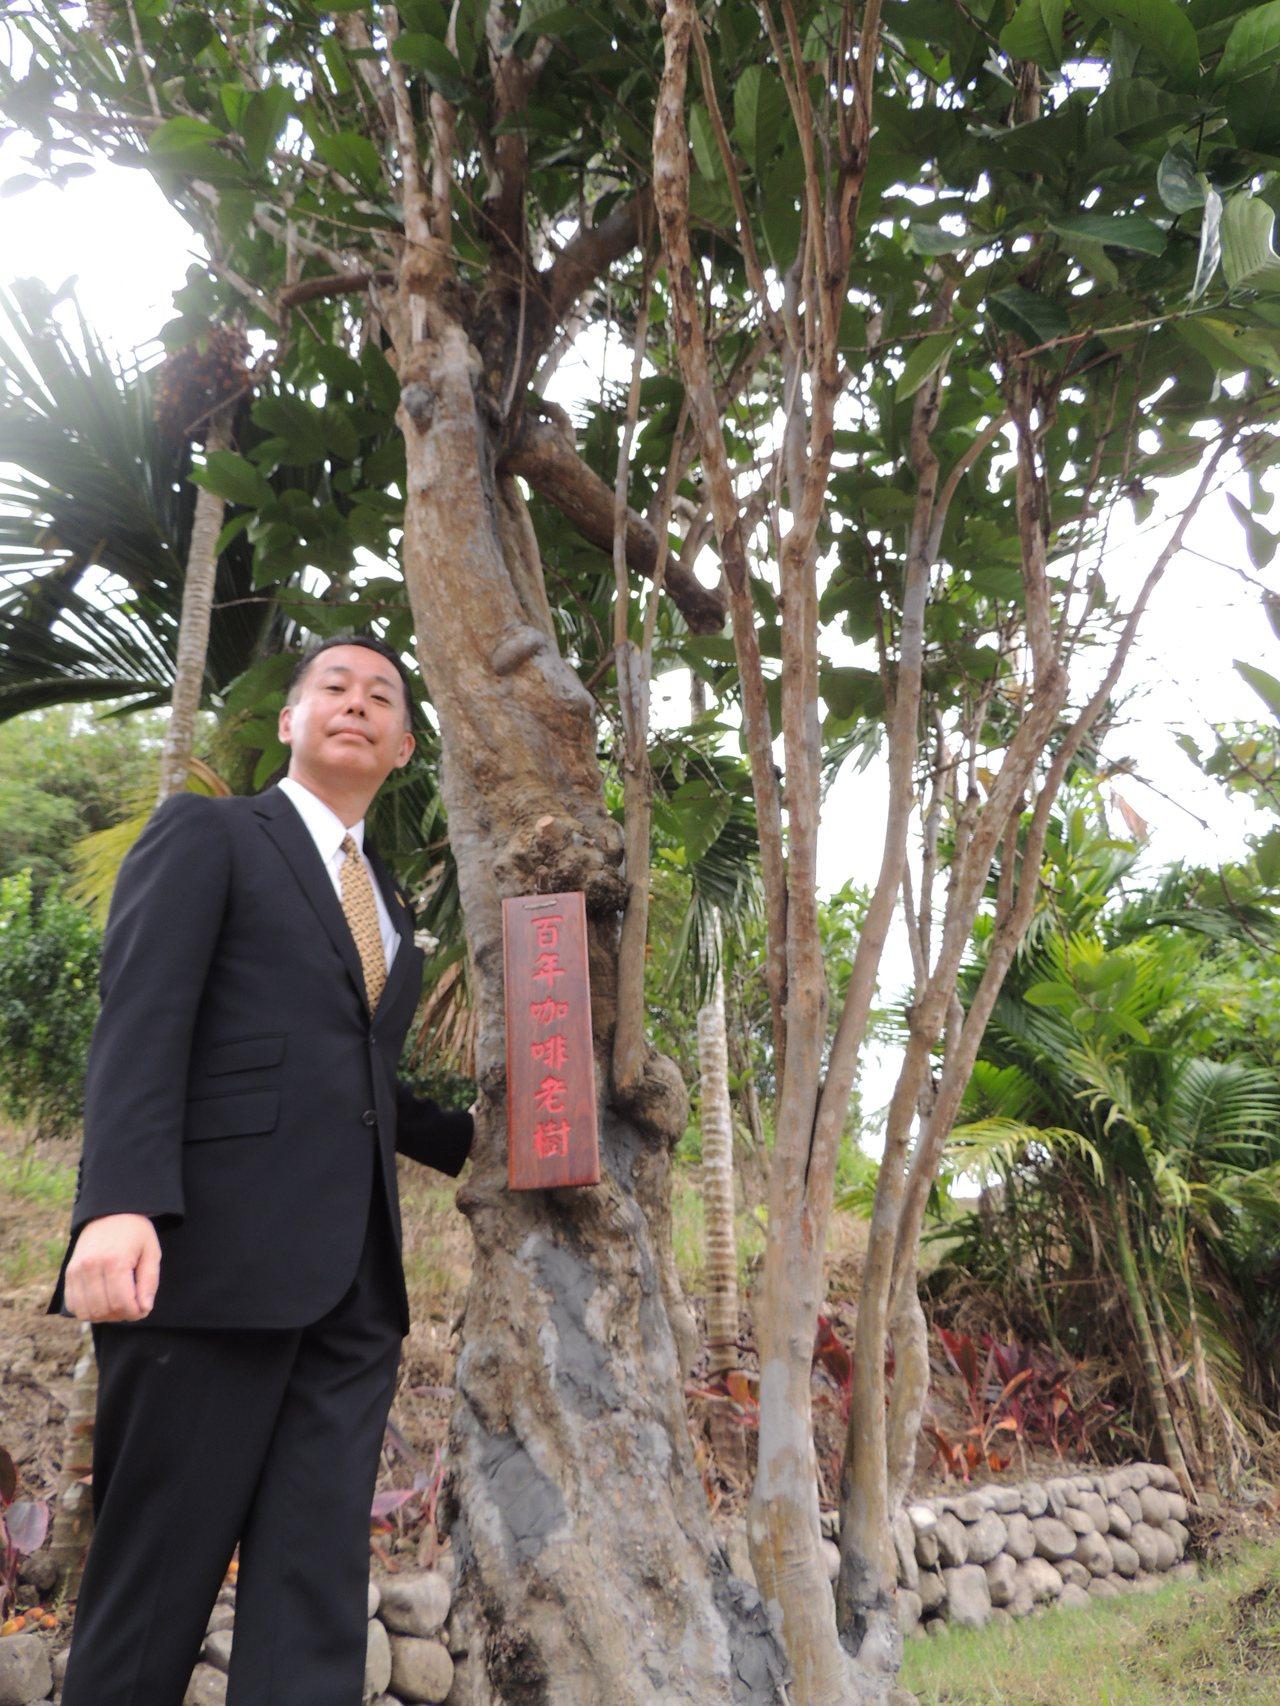 柴田‧裕在可能是已故爺爺種下的百年咖啡樹前留像。記者羅紹平/攝影